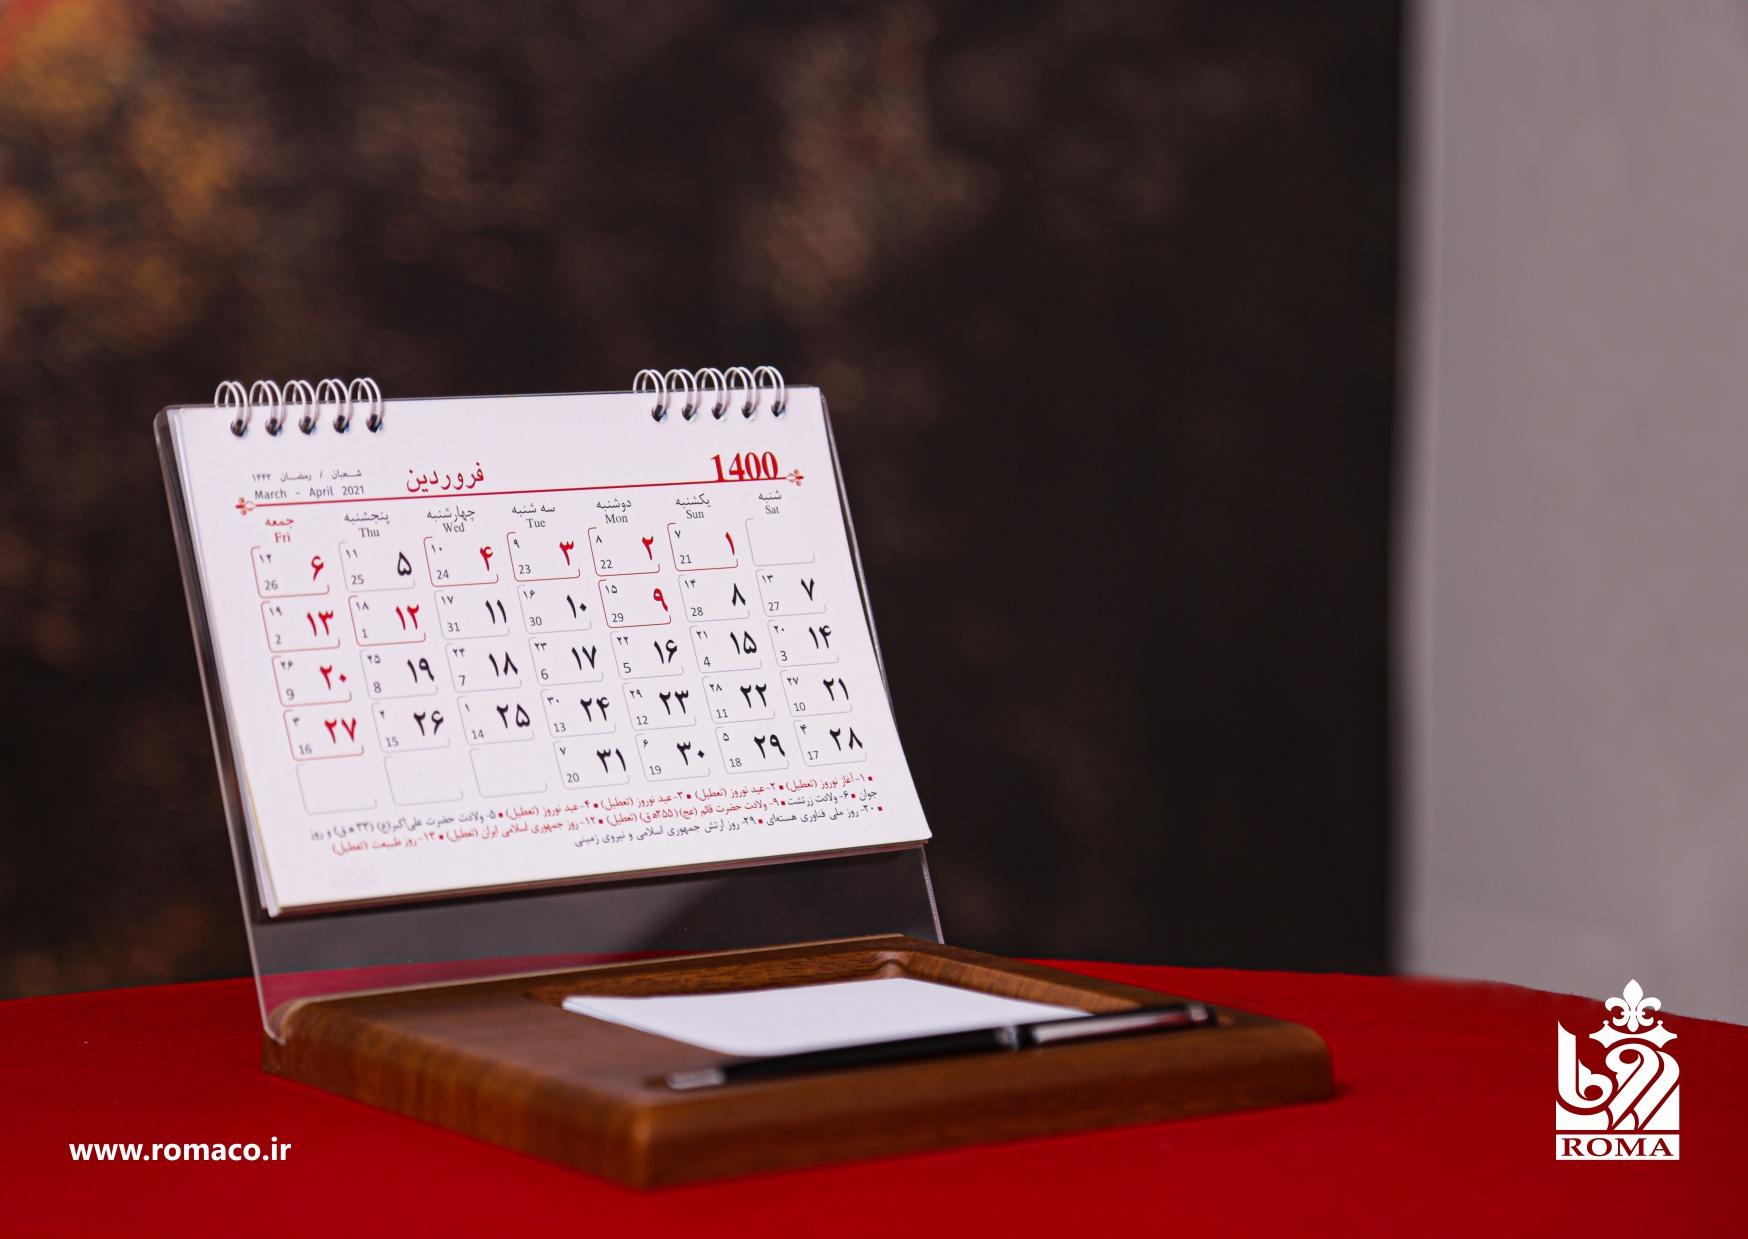 تقویم سر رسید رومیزی ۱۴۰۰